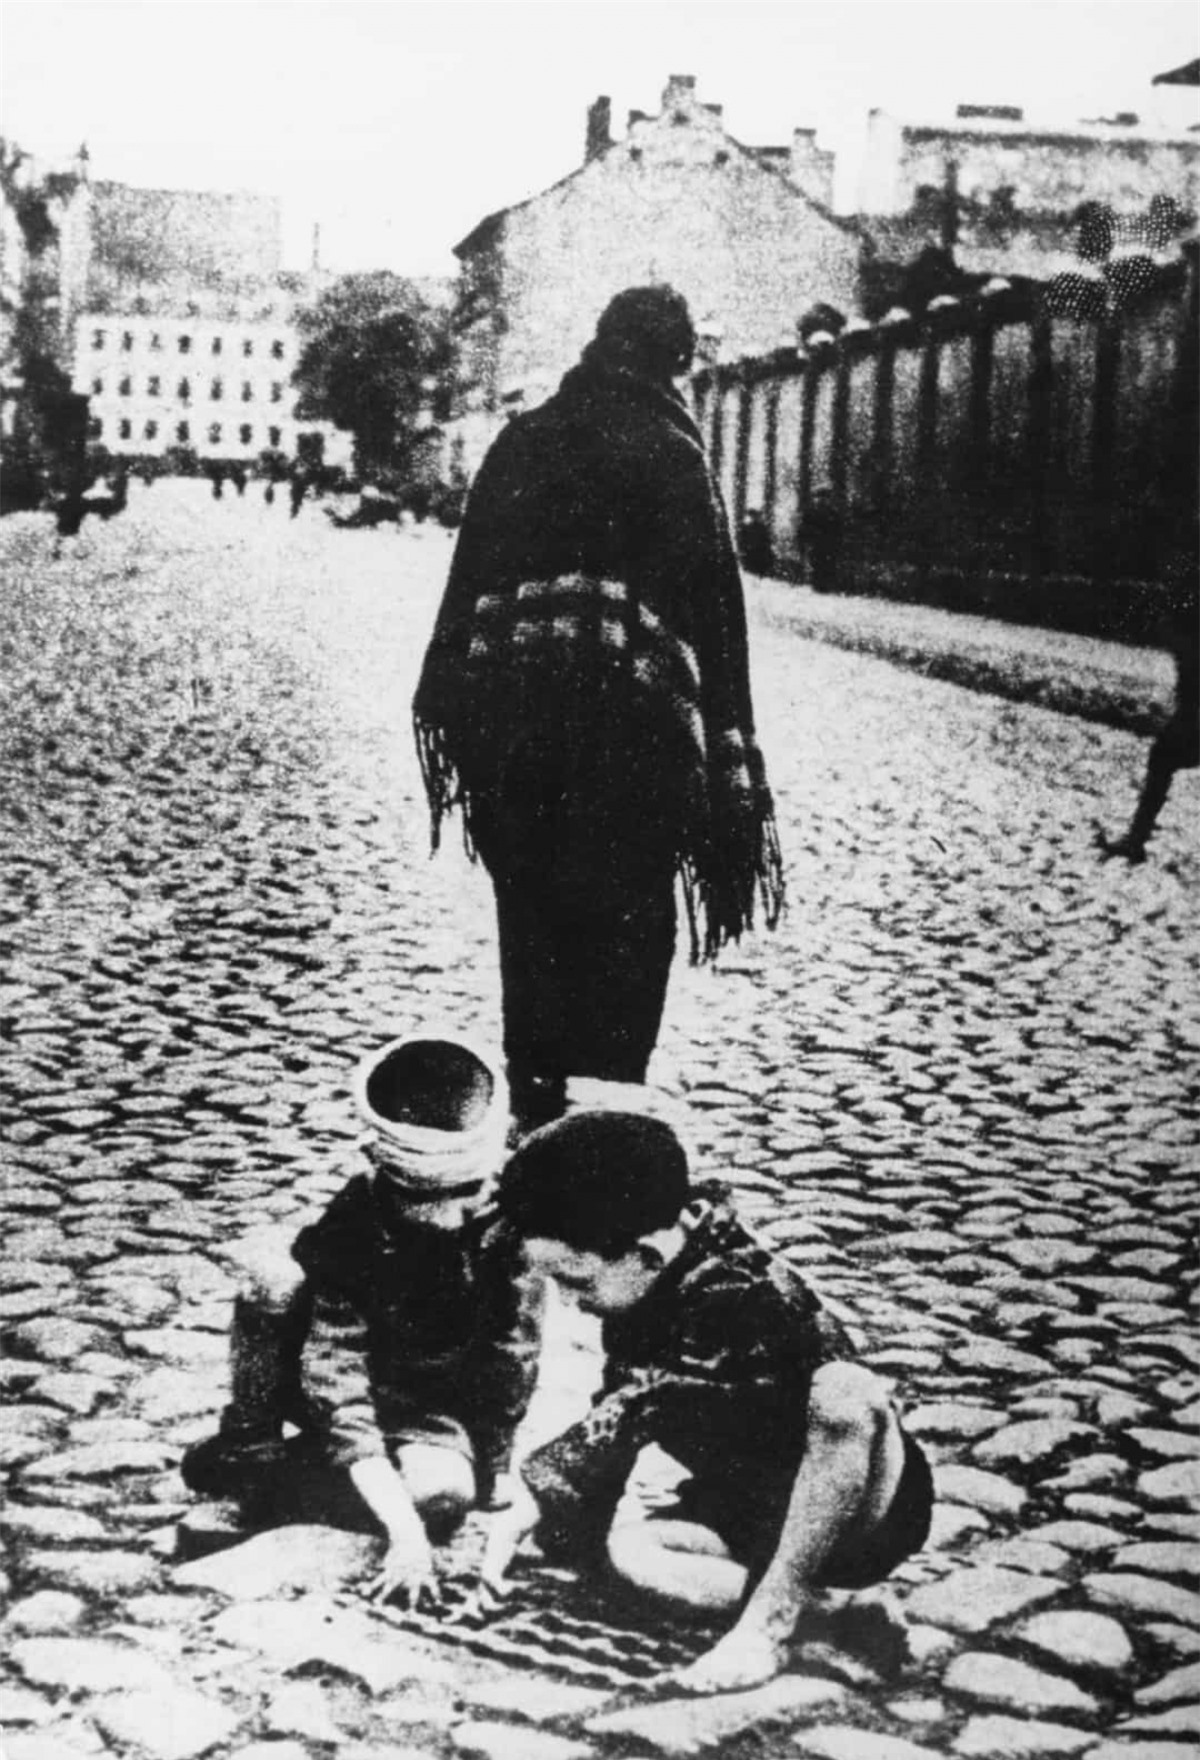 Hơn 1 triệu trẻ em Do Thái đã thiệt mạng trong thảm họa diệt chủng Holocaust do Đức Quốc xã tiến hành trong Thế chiến II.